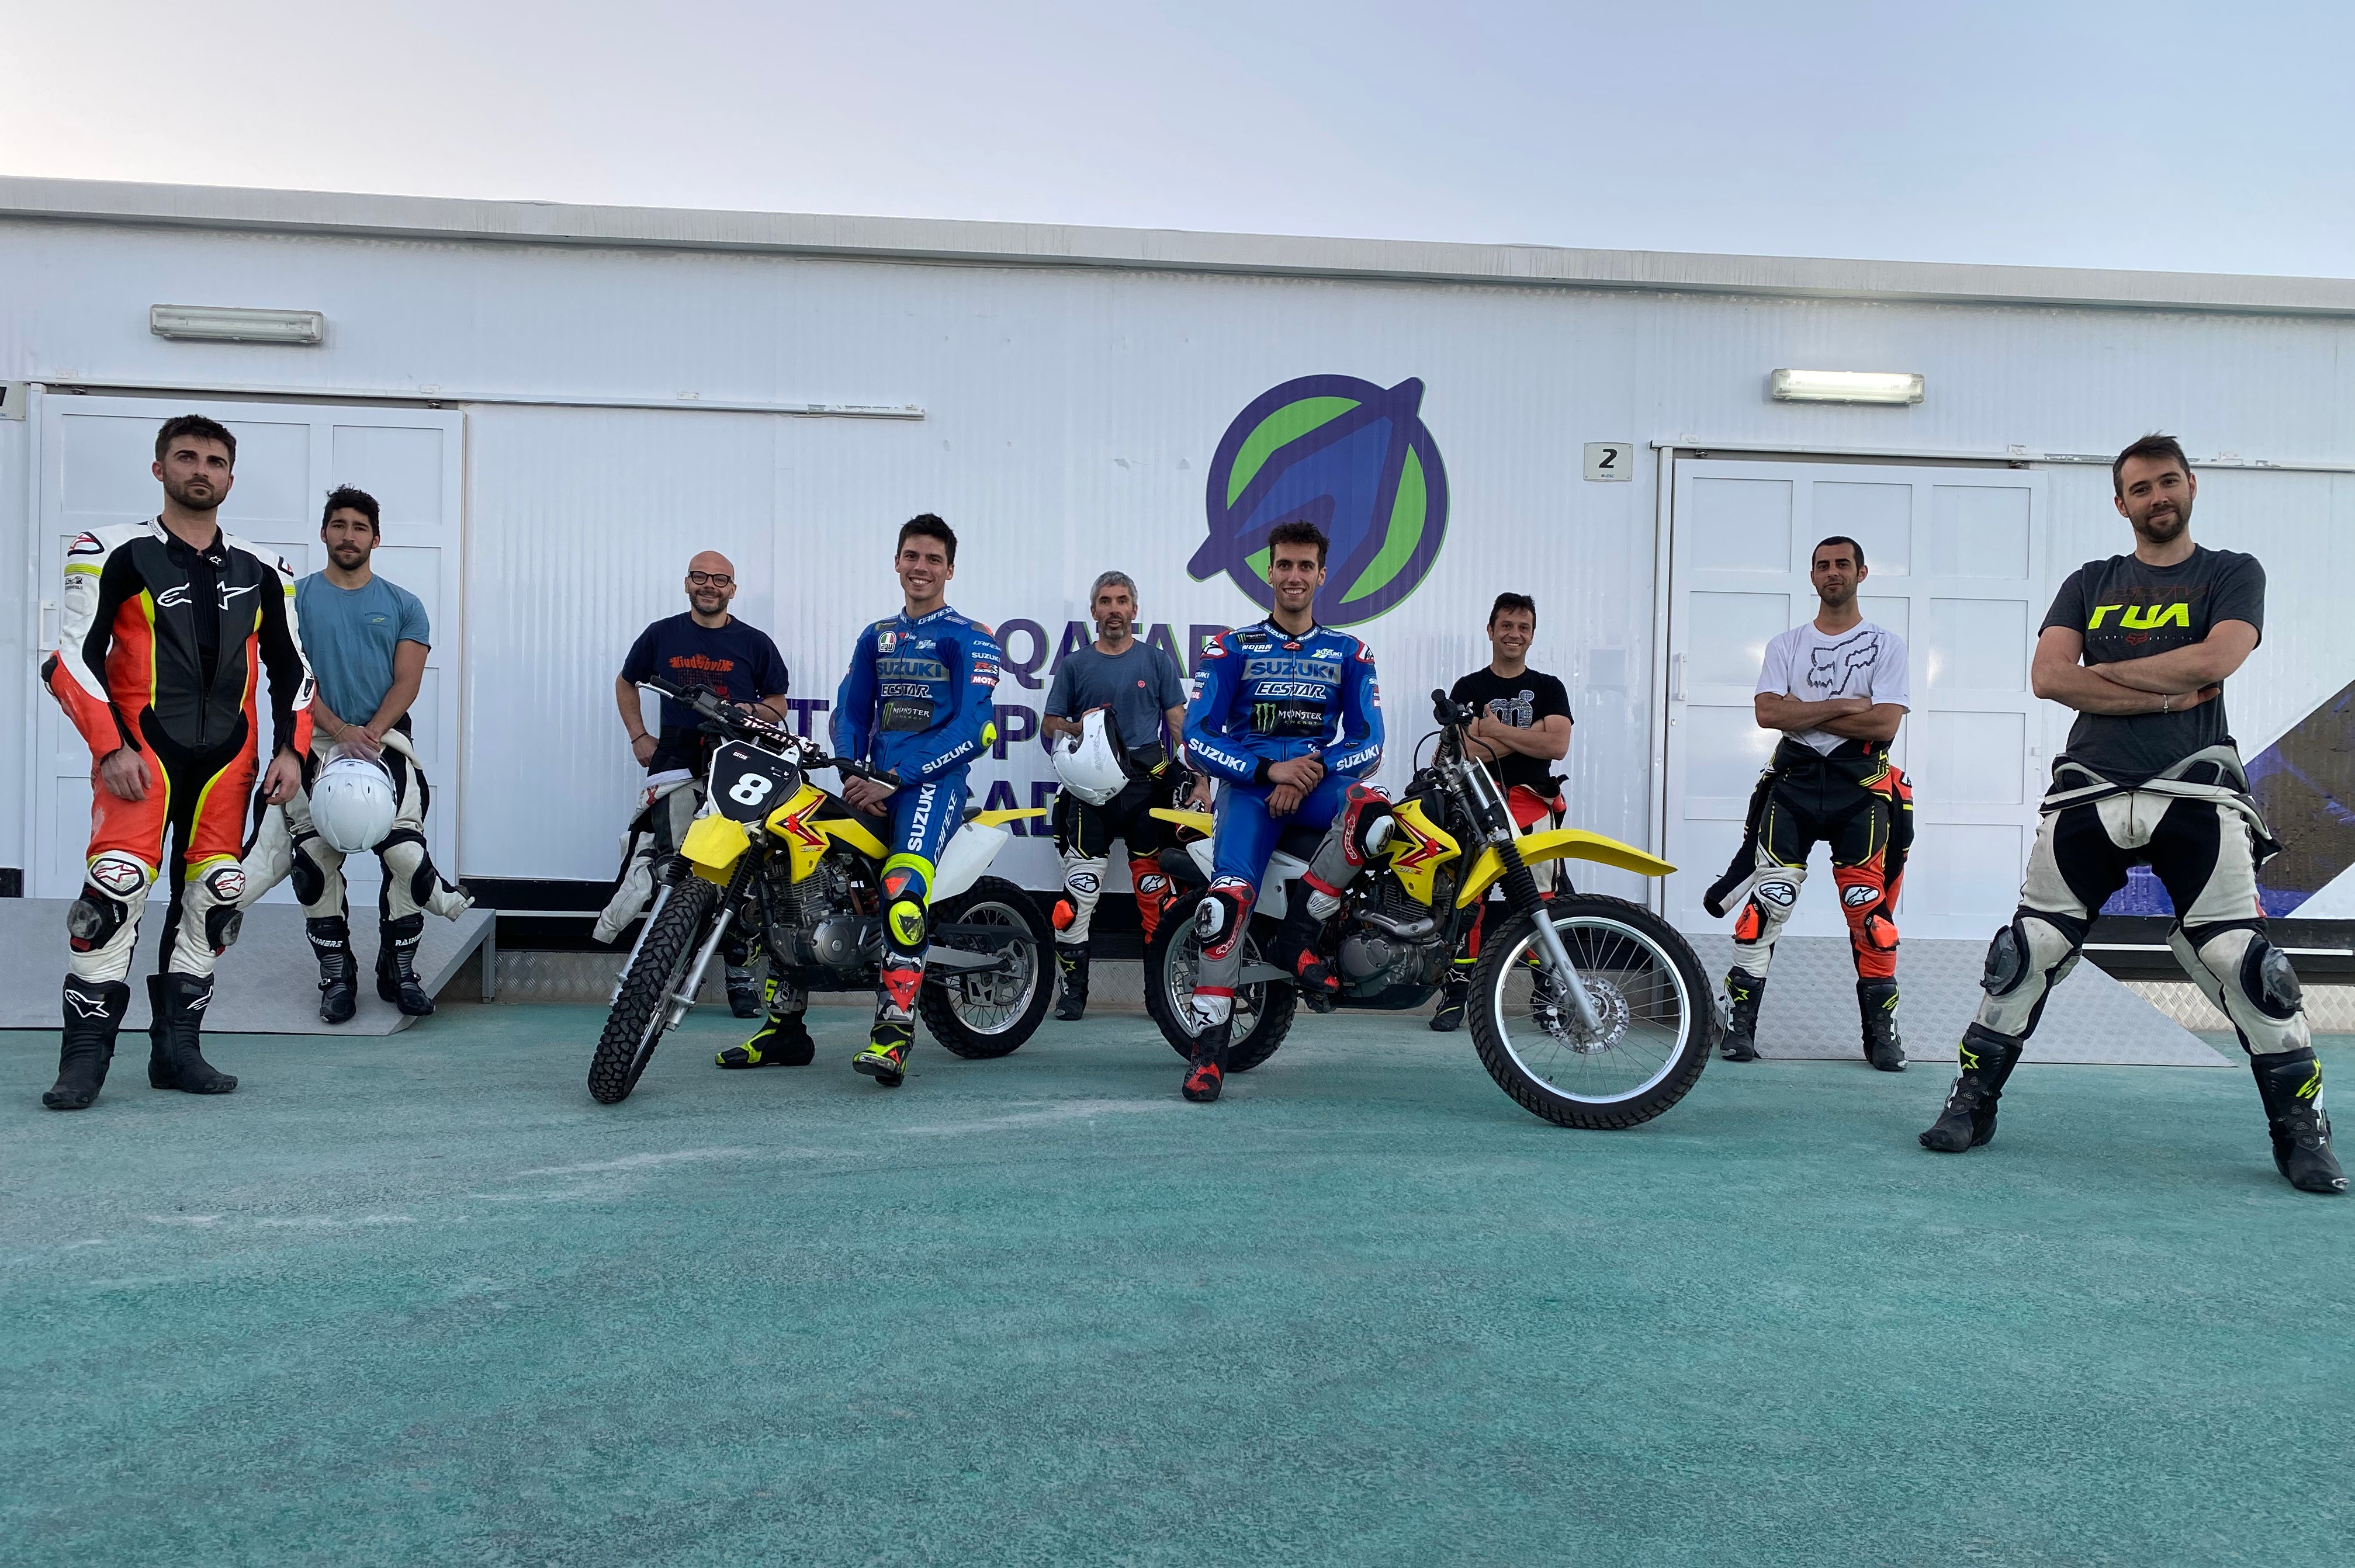 Mir, Rins y parte del equipo Suzuki entrenando en un karting anexo al Circuito de Losail